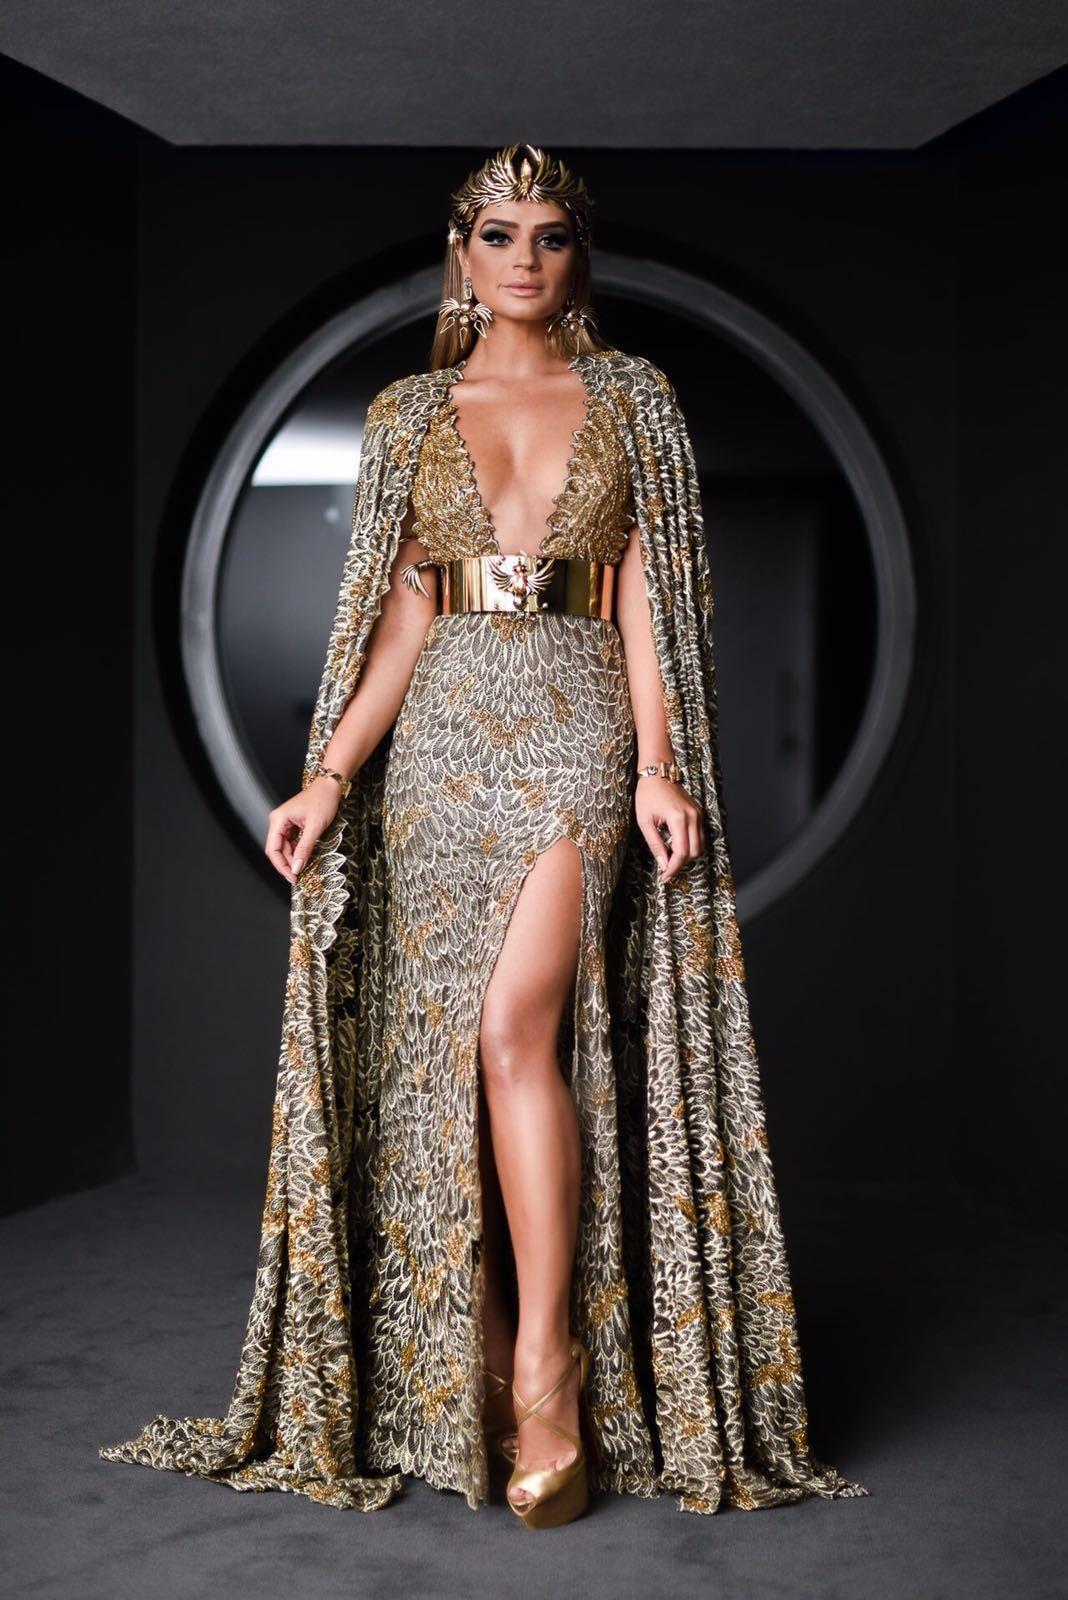 BLOG DA BÁRBARA: Baile da Vogue 2016: África Pop | moda ...